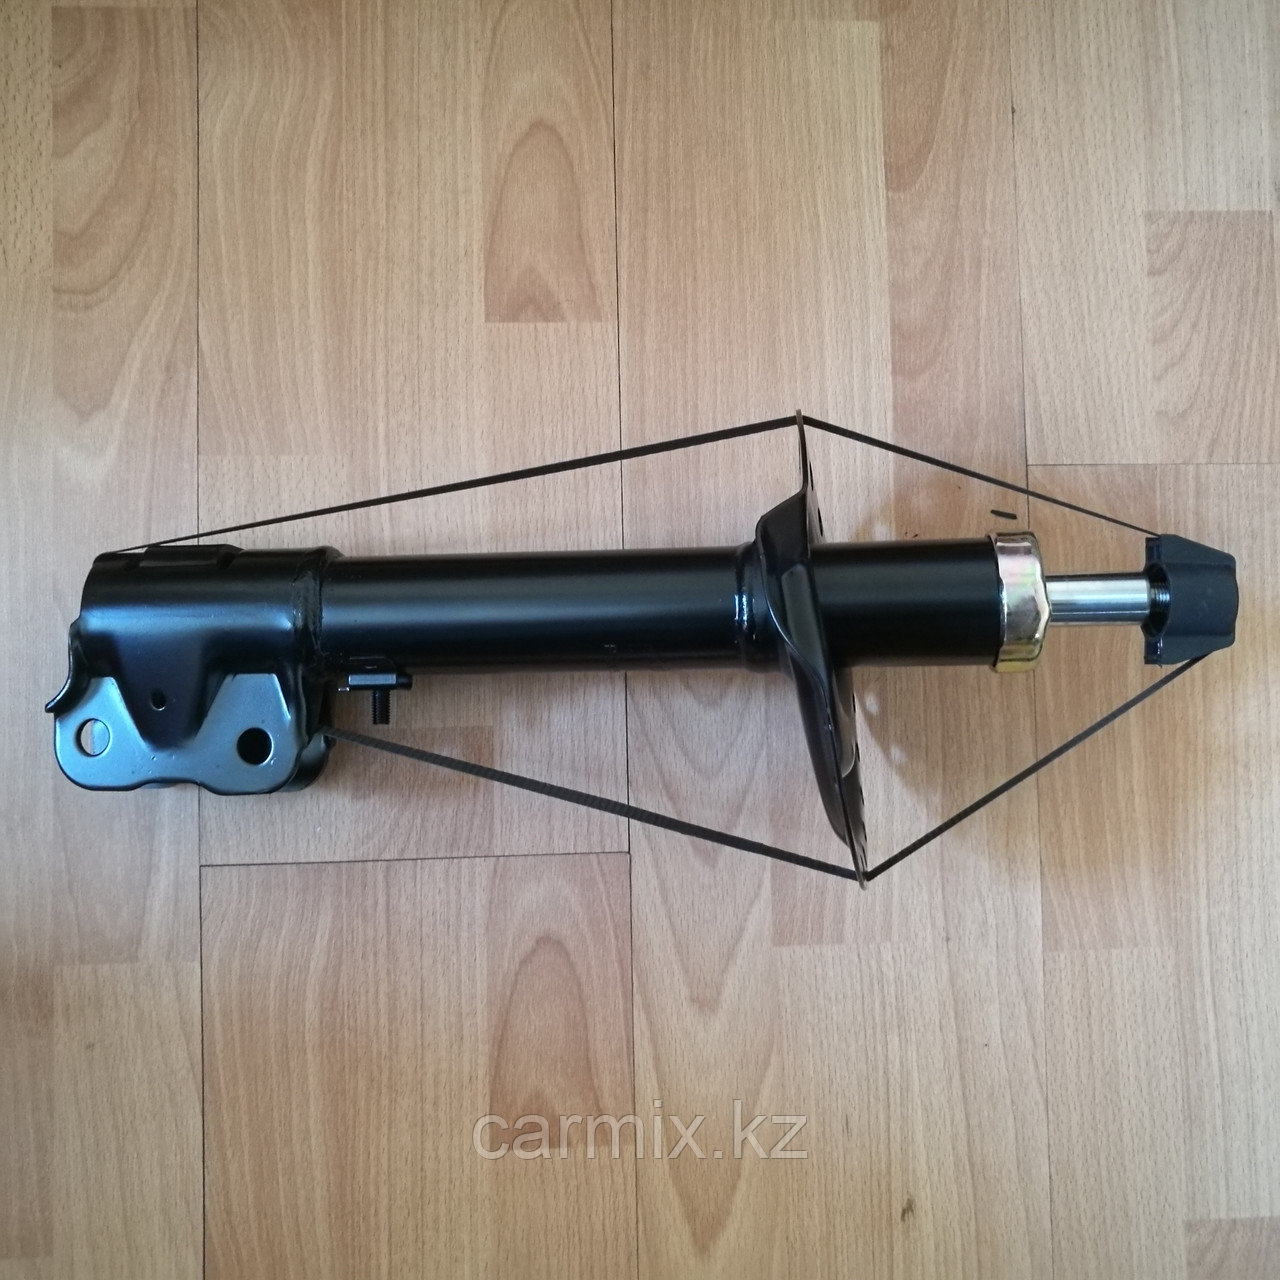 Амортизатор передний правый (стойка амортизатора) OUTLANDER GF3W 2013-